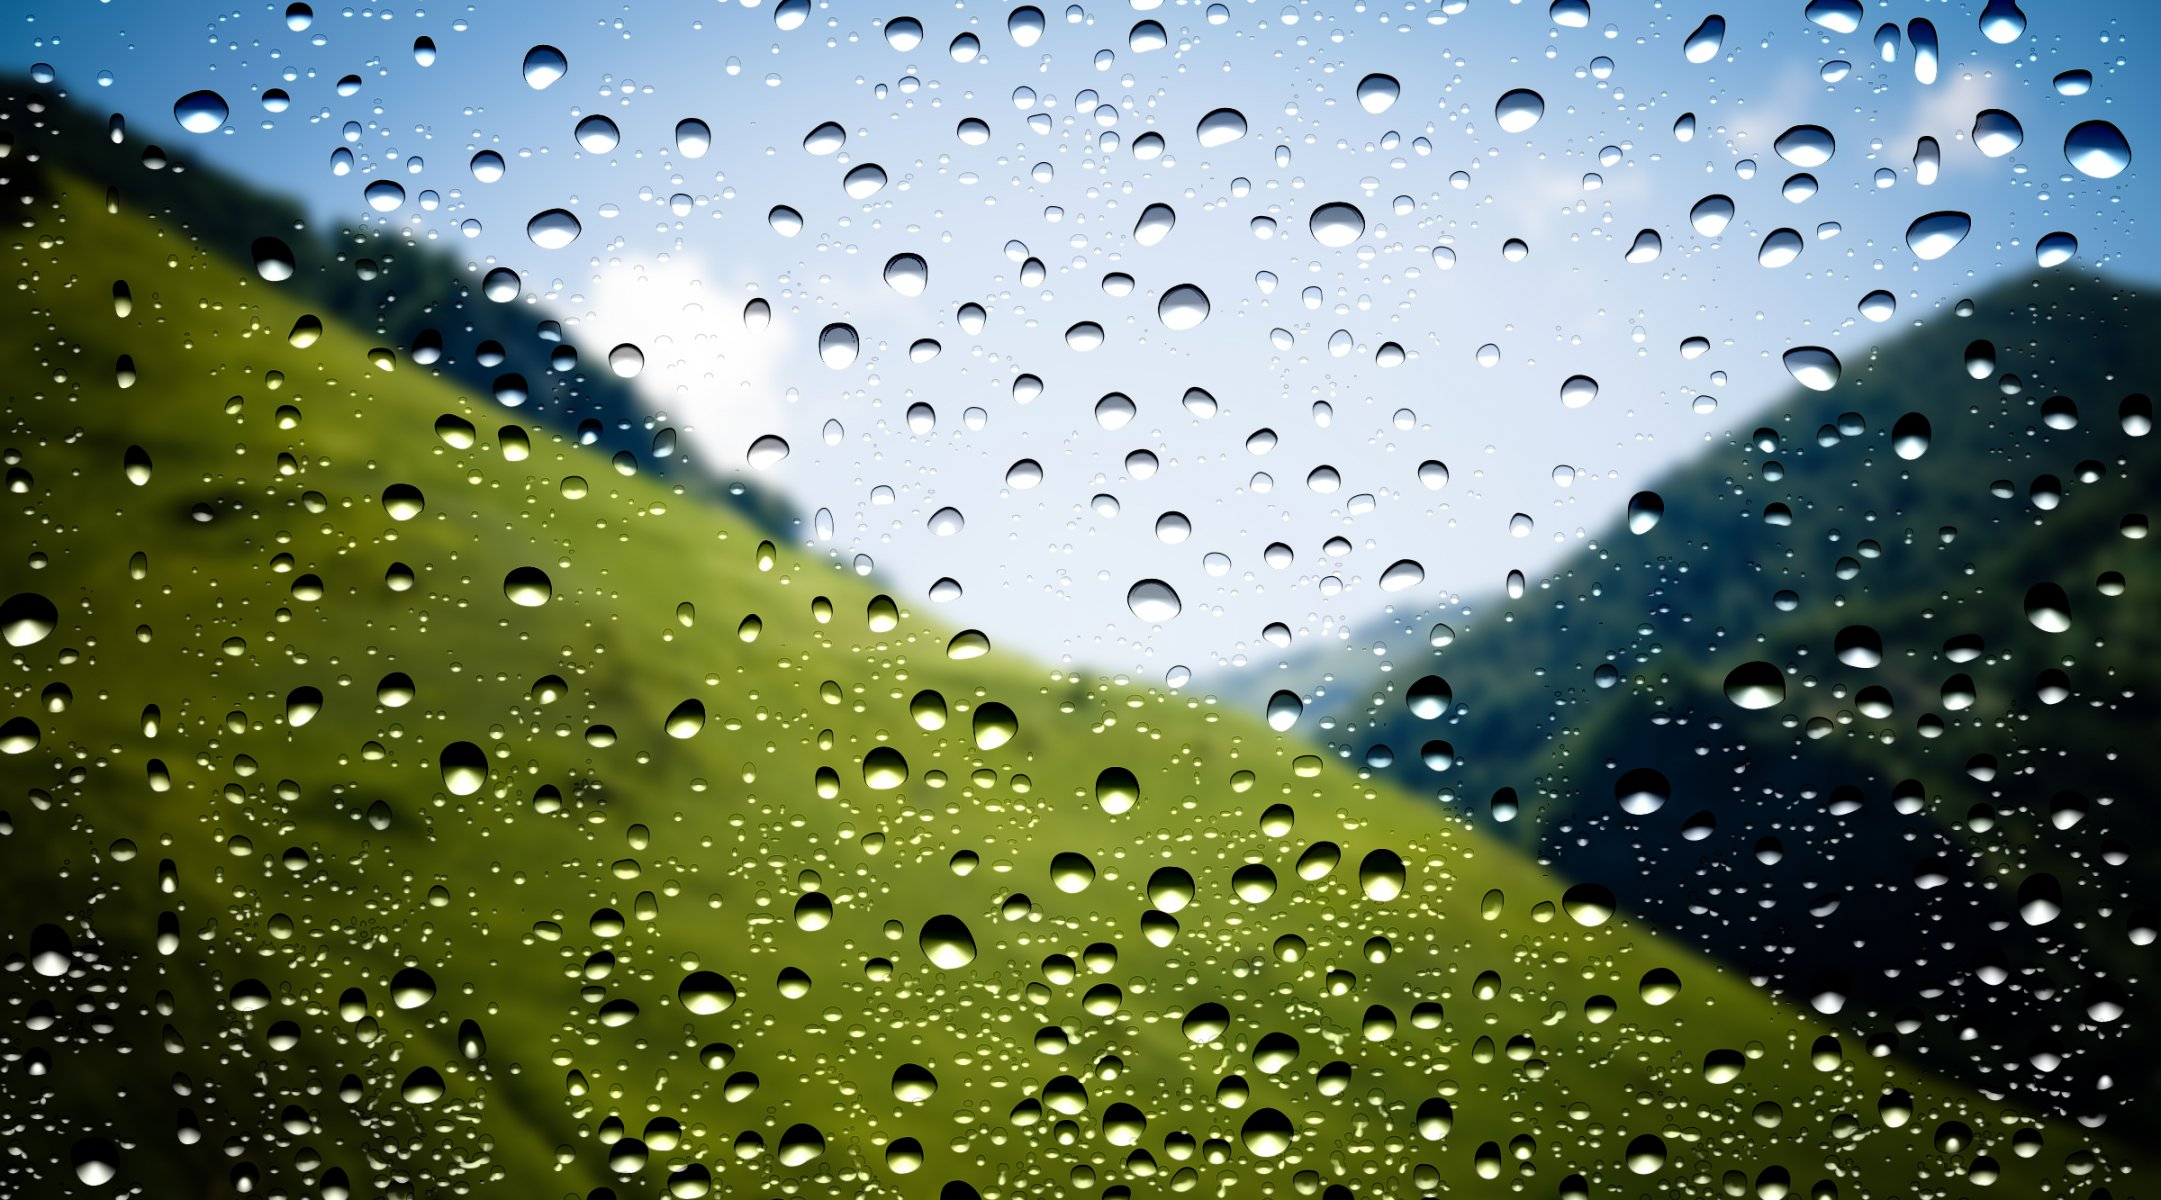 быстро капли дождя картинки на рабочий словам